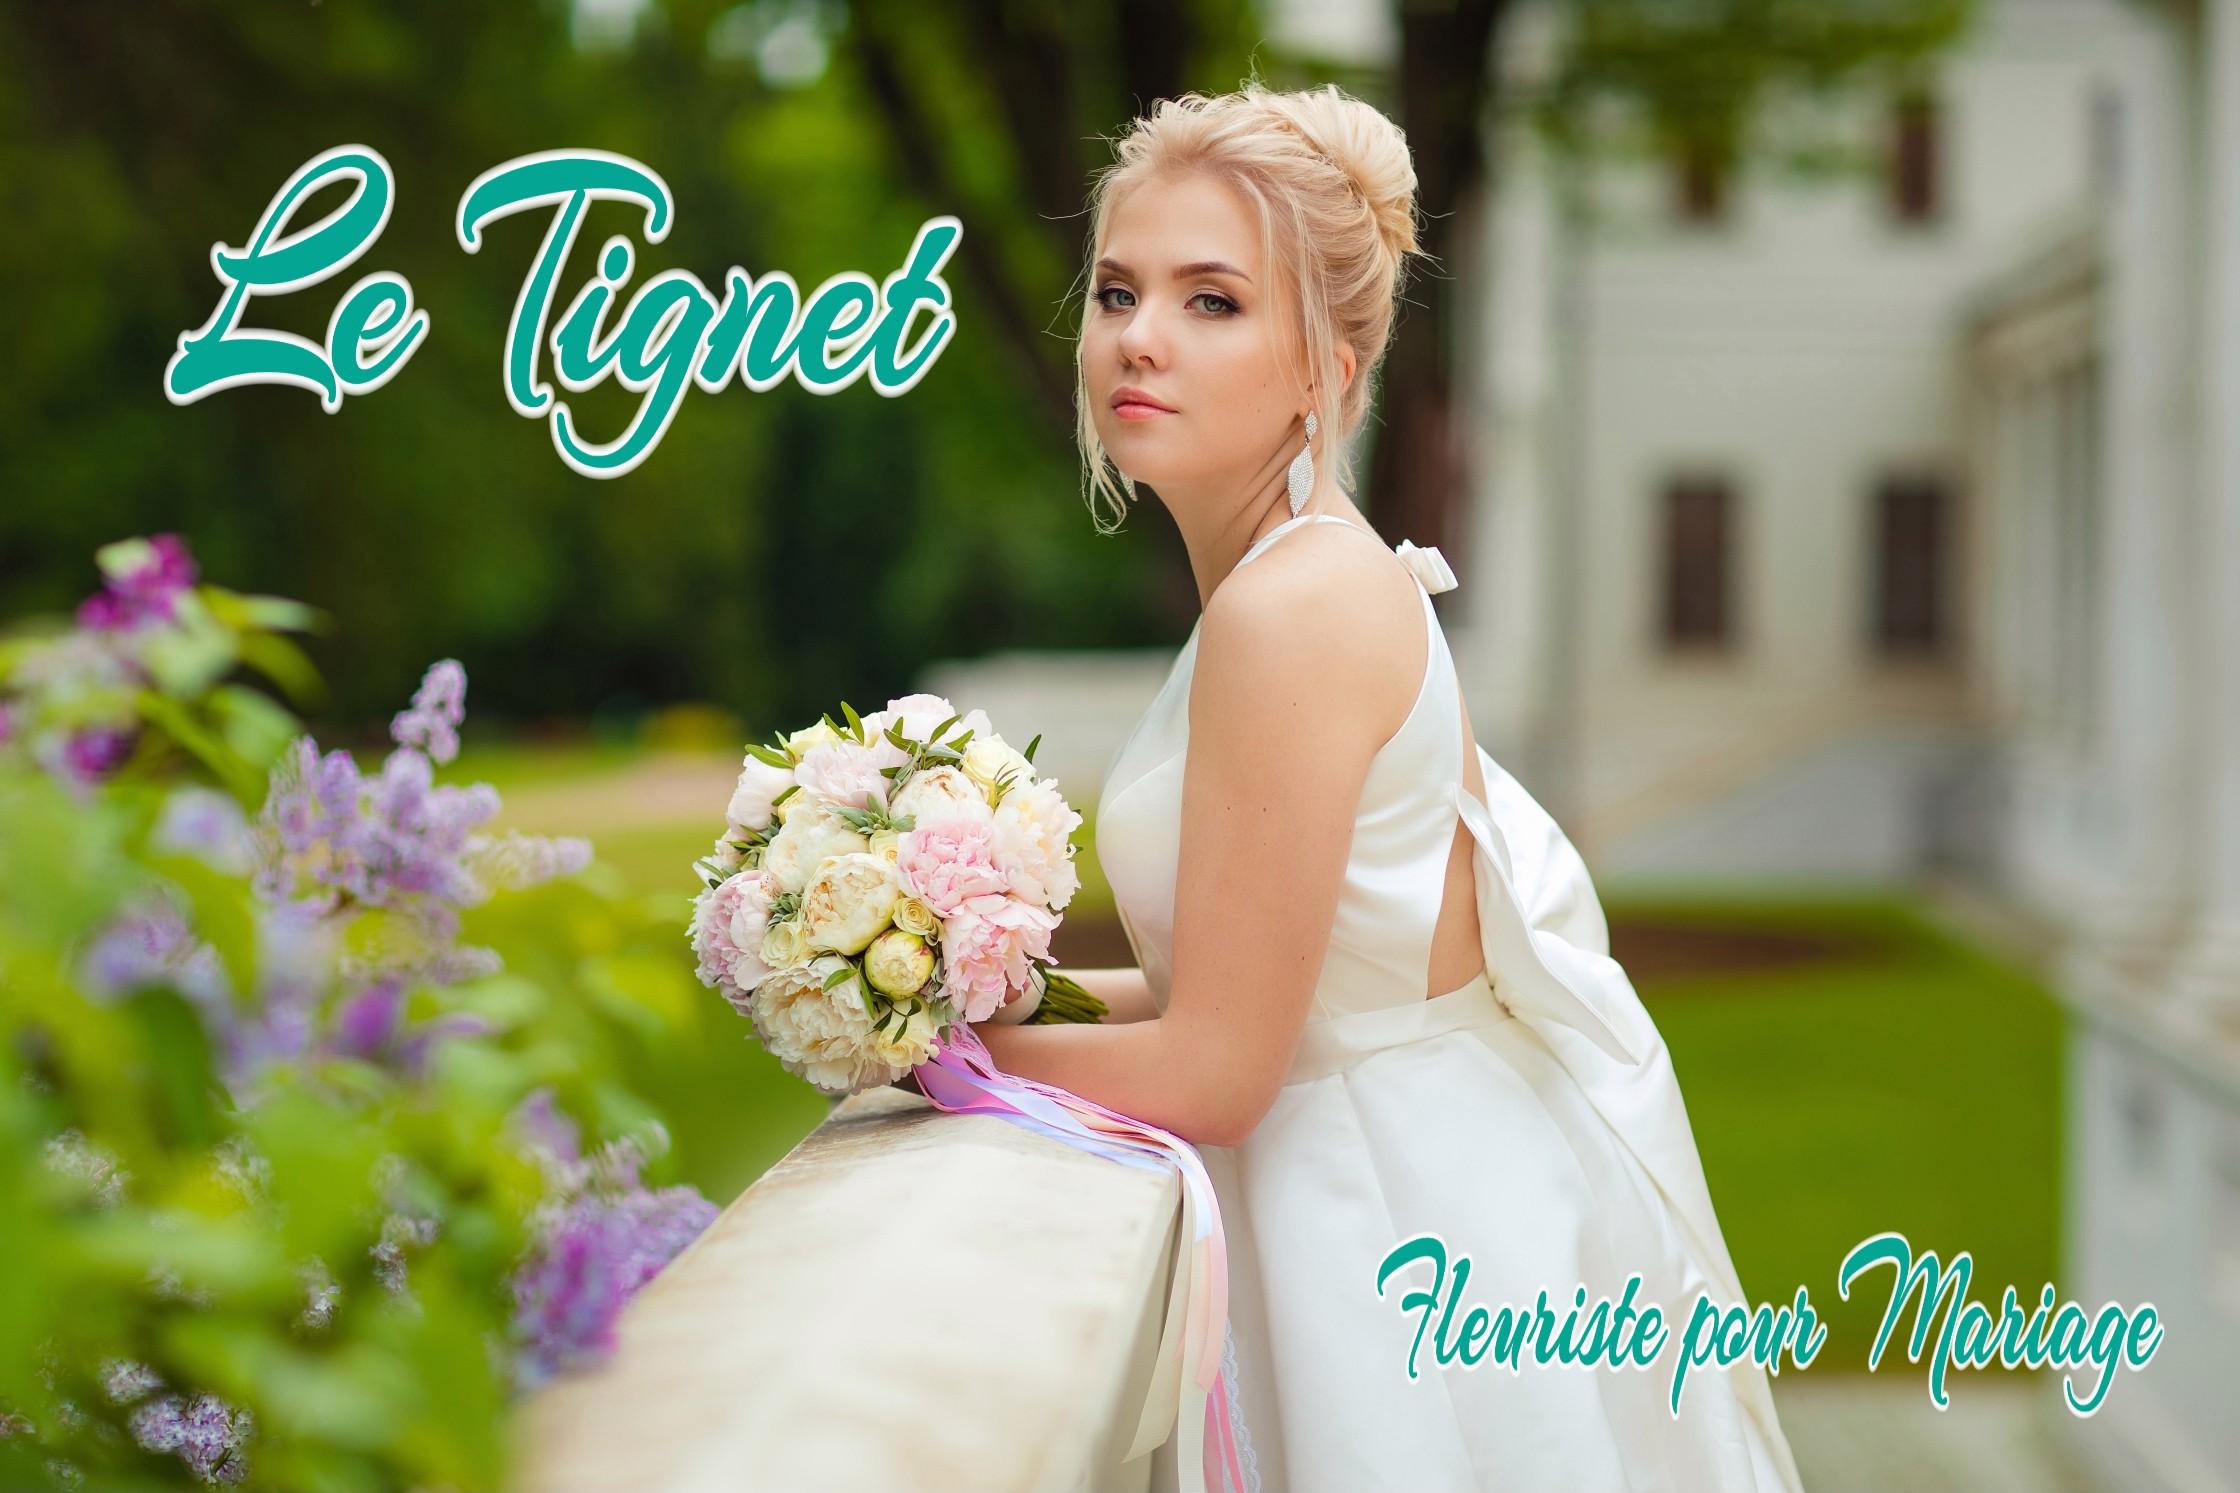 FLEURISTE MARIAGE LE TIGNET - fleurs mariage LE TIGNET - WEDDING PLANNER LE TIGNET - TRAITEUR LE TIGNET